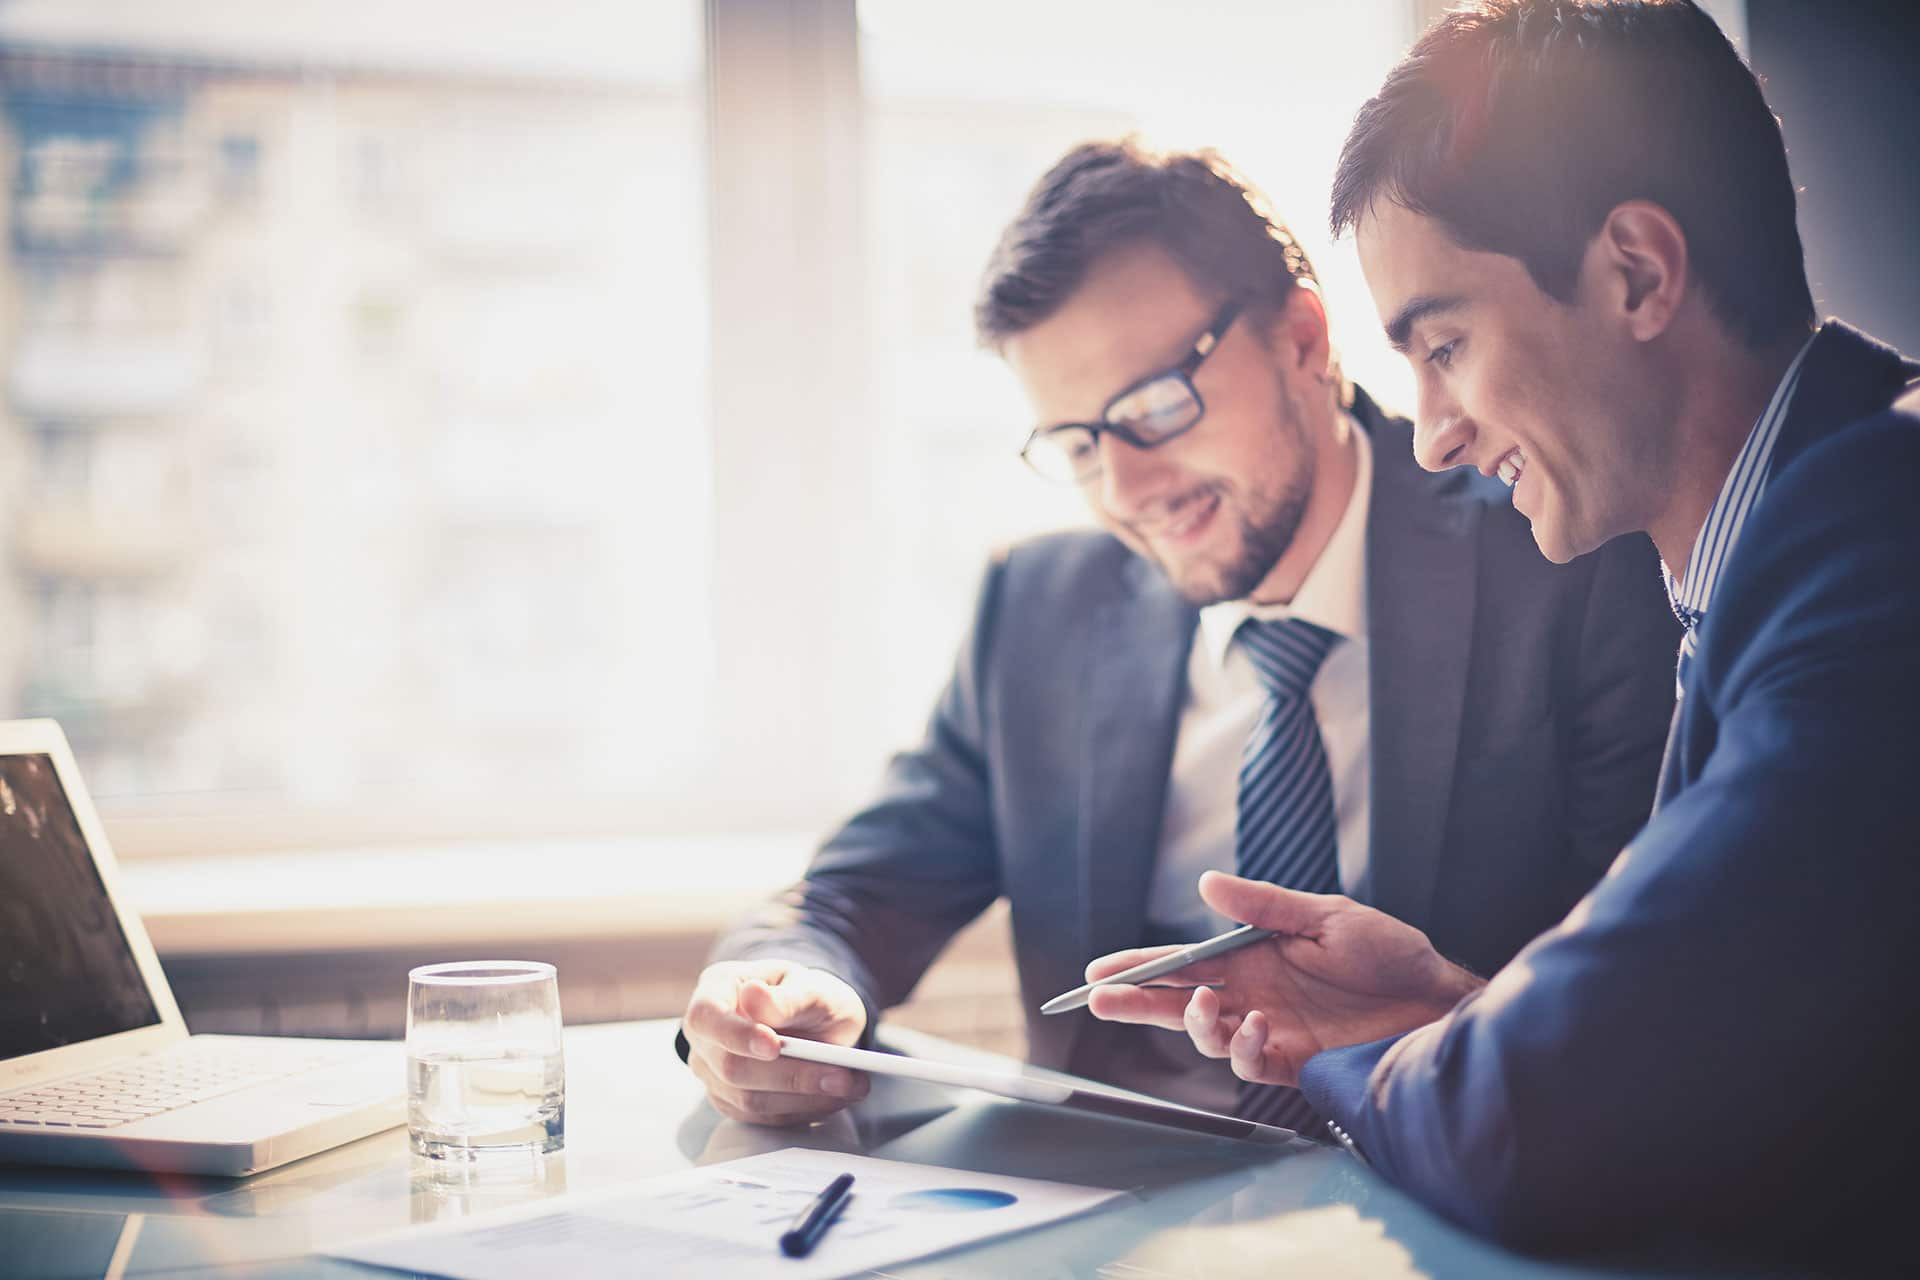 Conseiller gestion patrimoine conseiller financier expliquant le rôle du conseiller en gestion de patrimoine